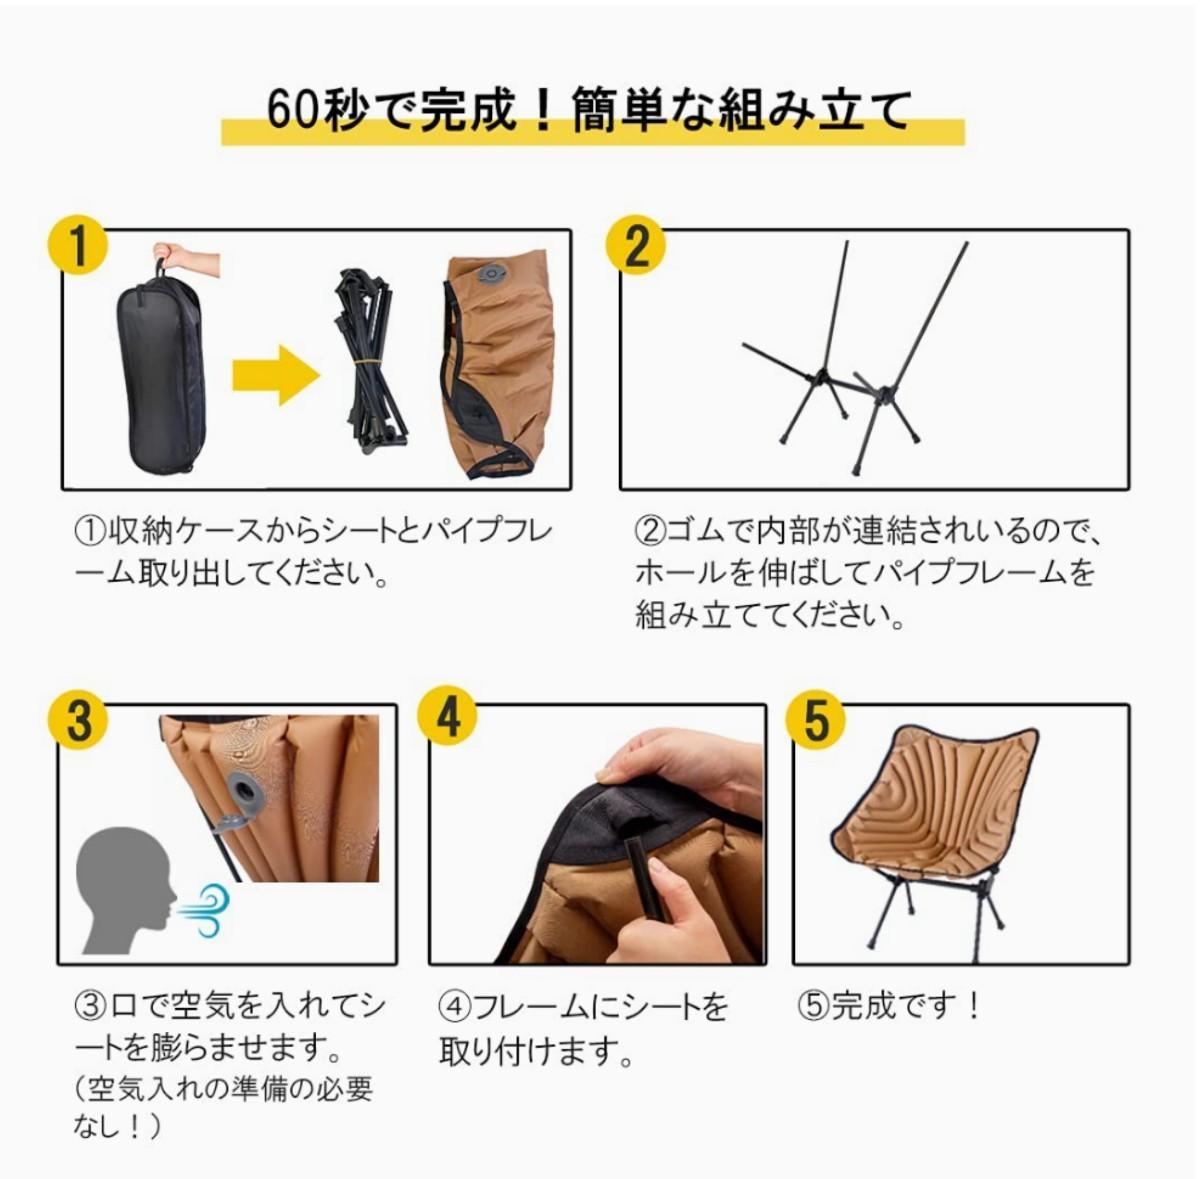 アウトドアチェア 防水 空気入れ式 エアー キャンプ椅子 折りたたみ